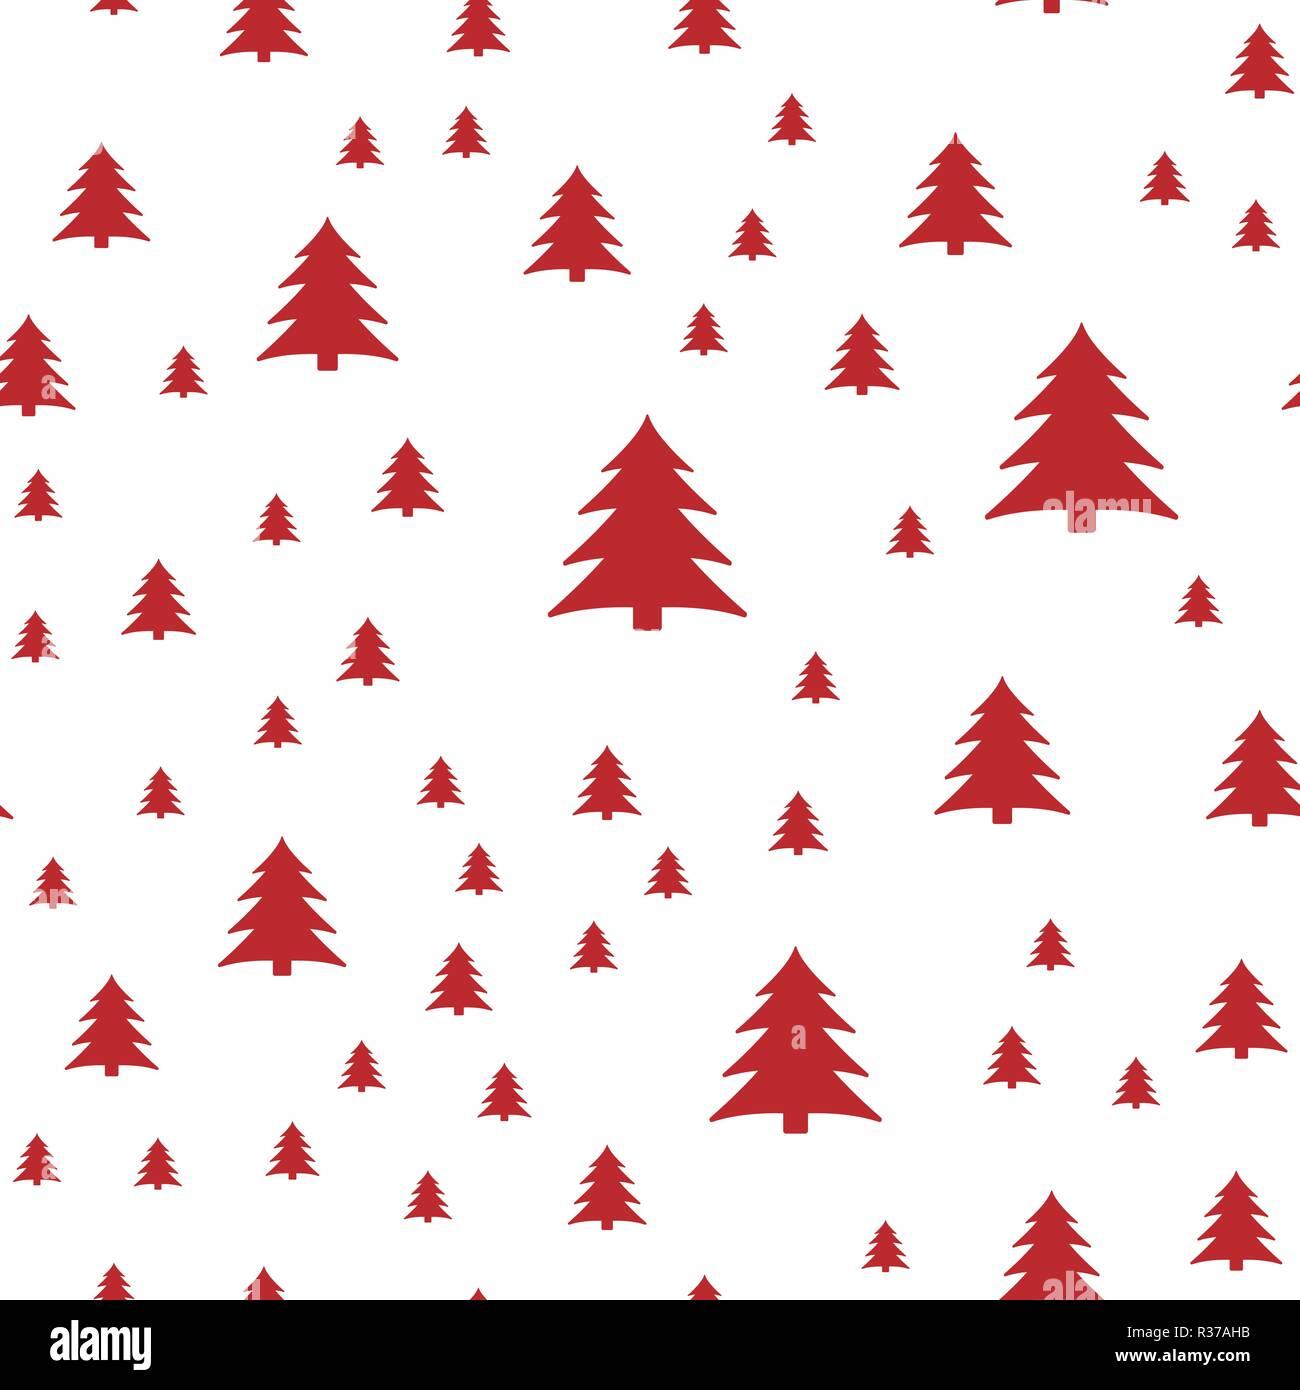 Christmas Tree Pattern.Christmas Tree Pattern Background Cover Creative Design 100